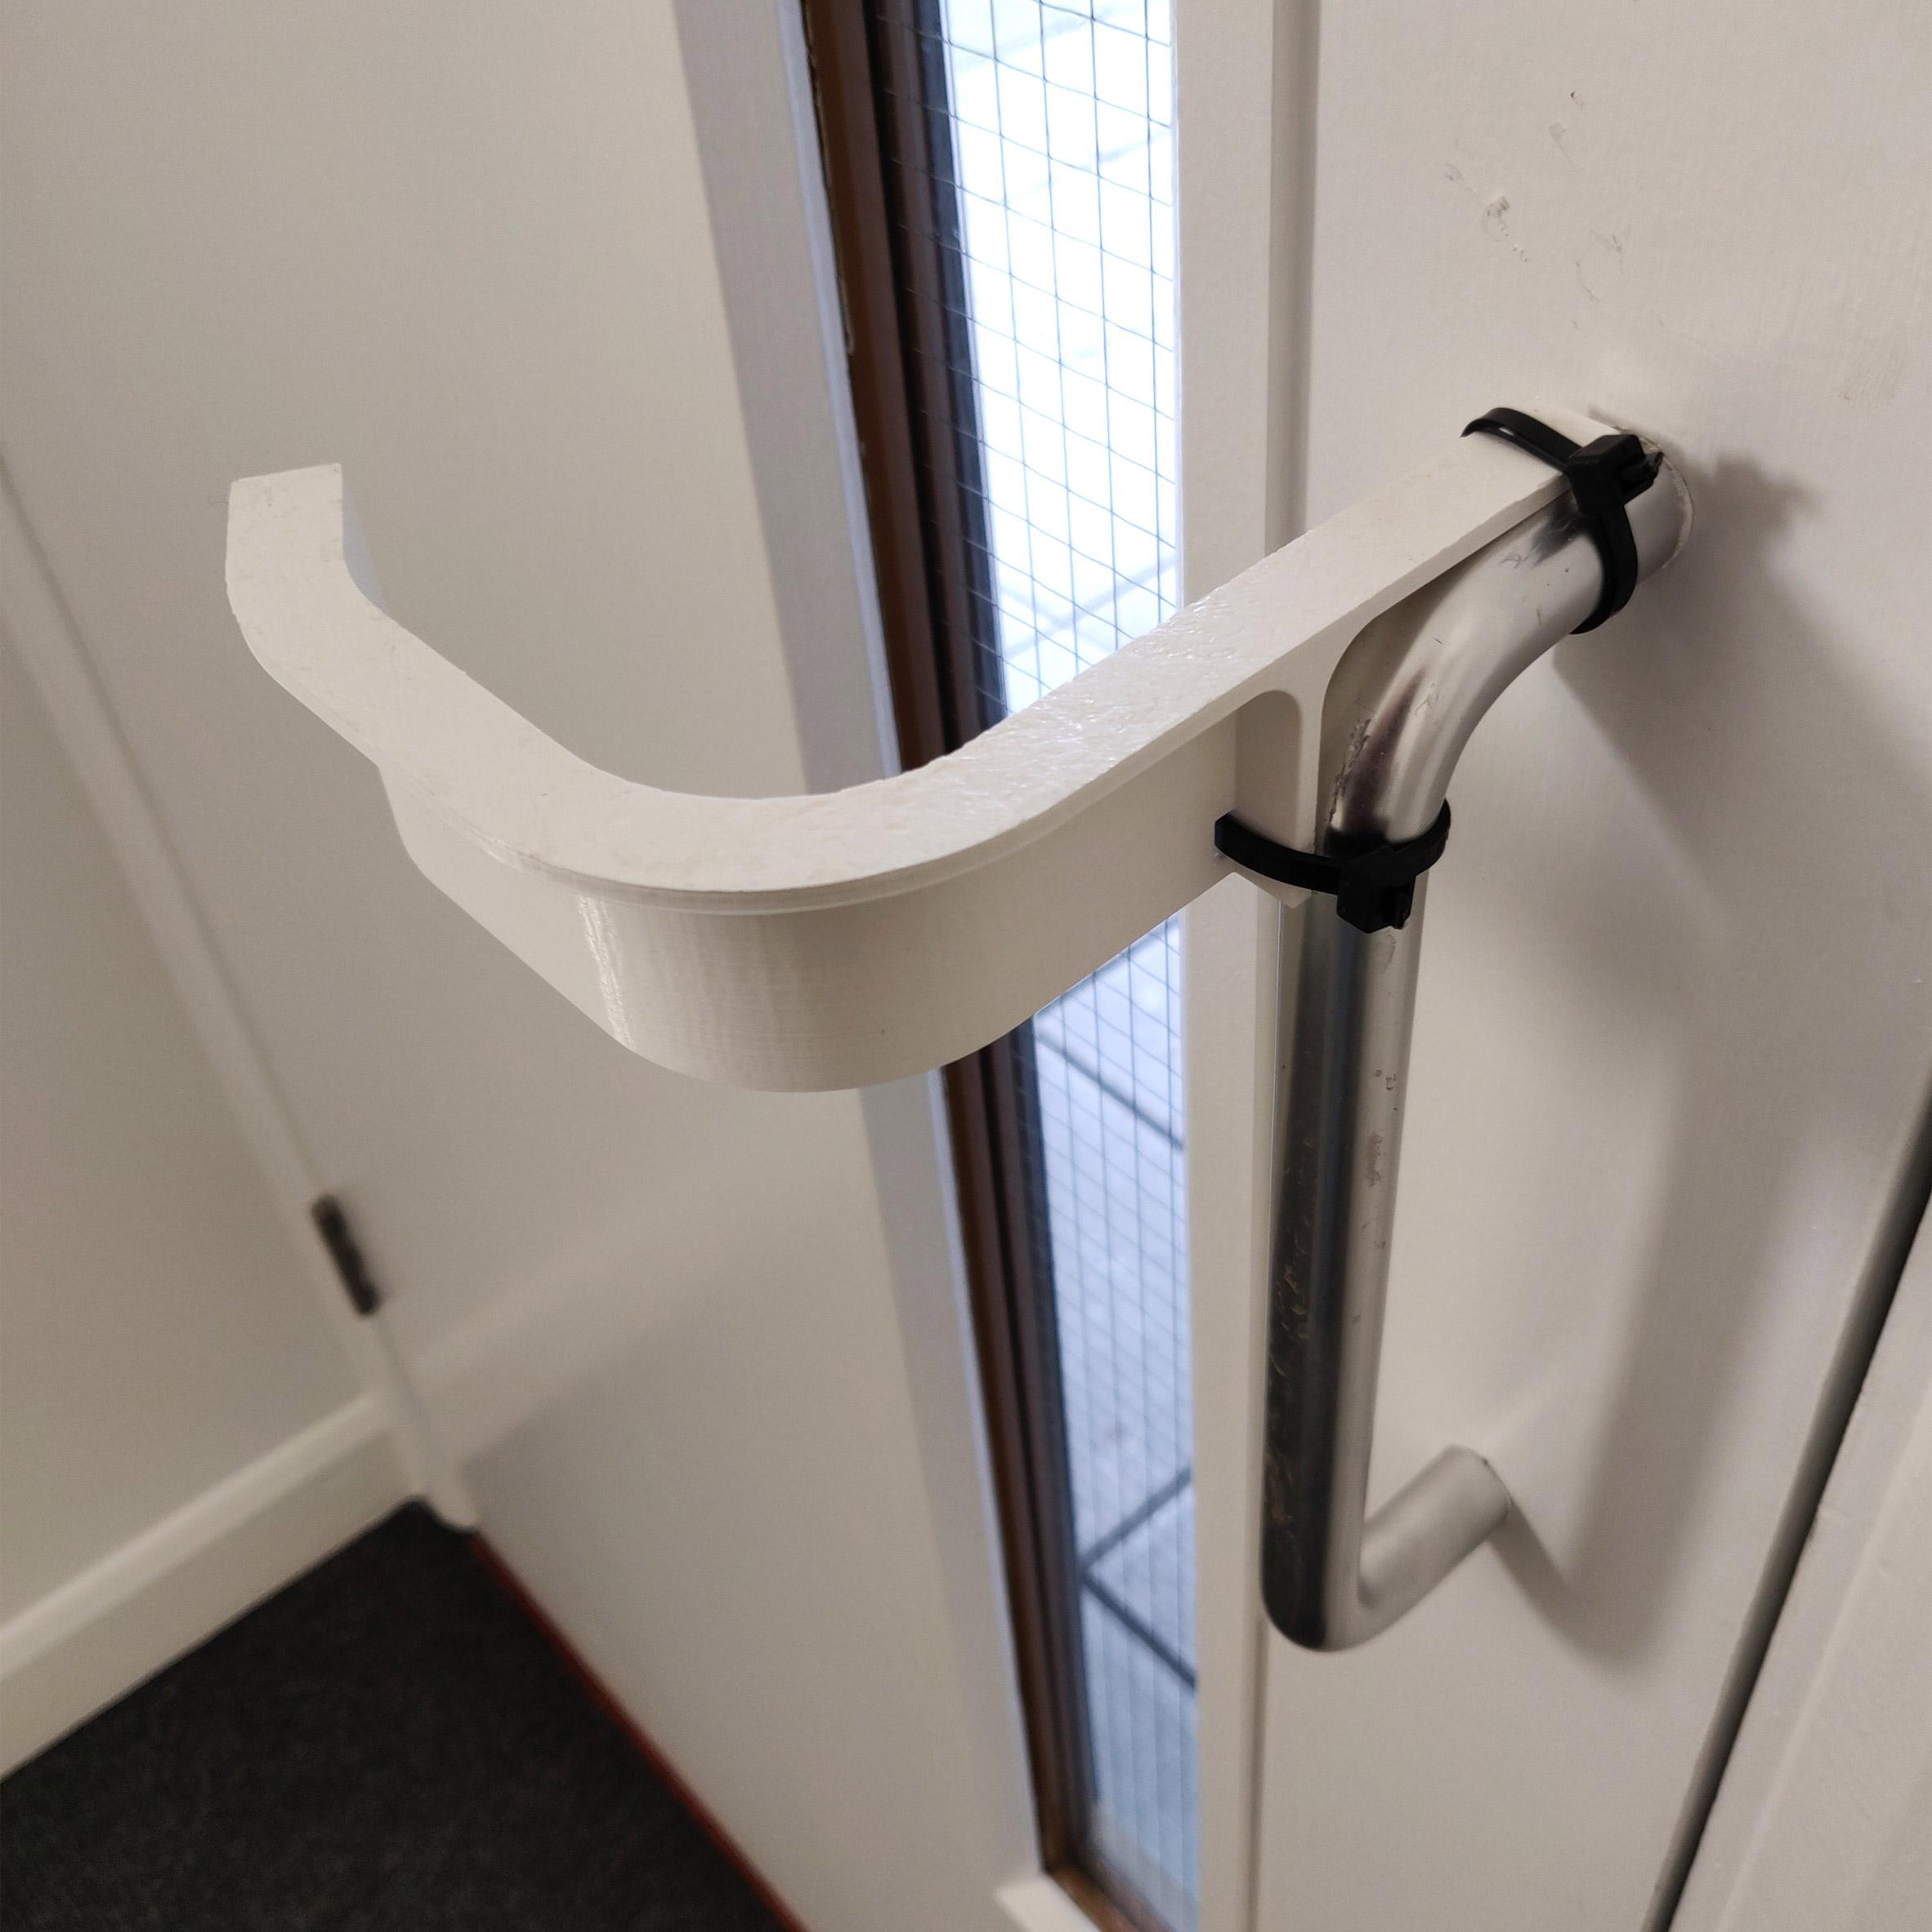 Hands-free door handle adaptor by Ivo Tedbury and Freddie Hong